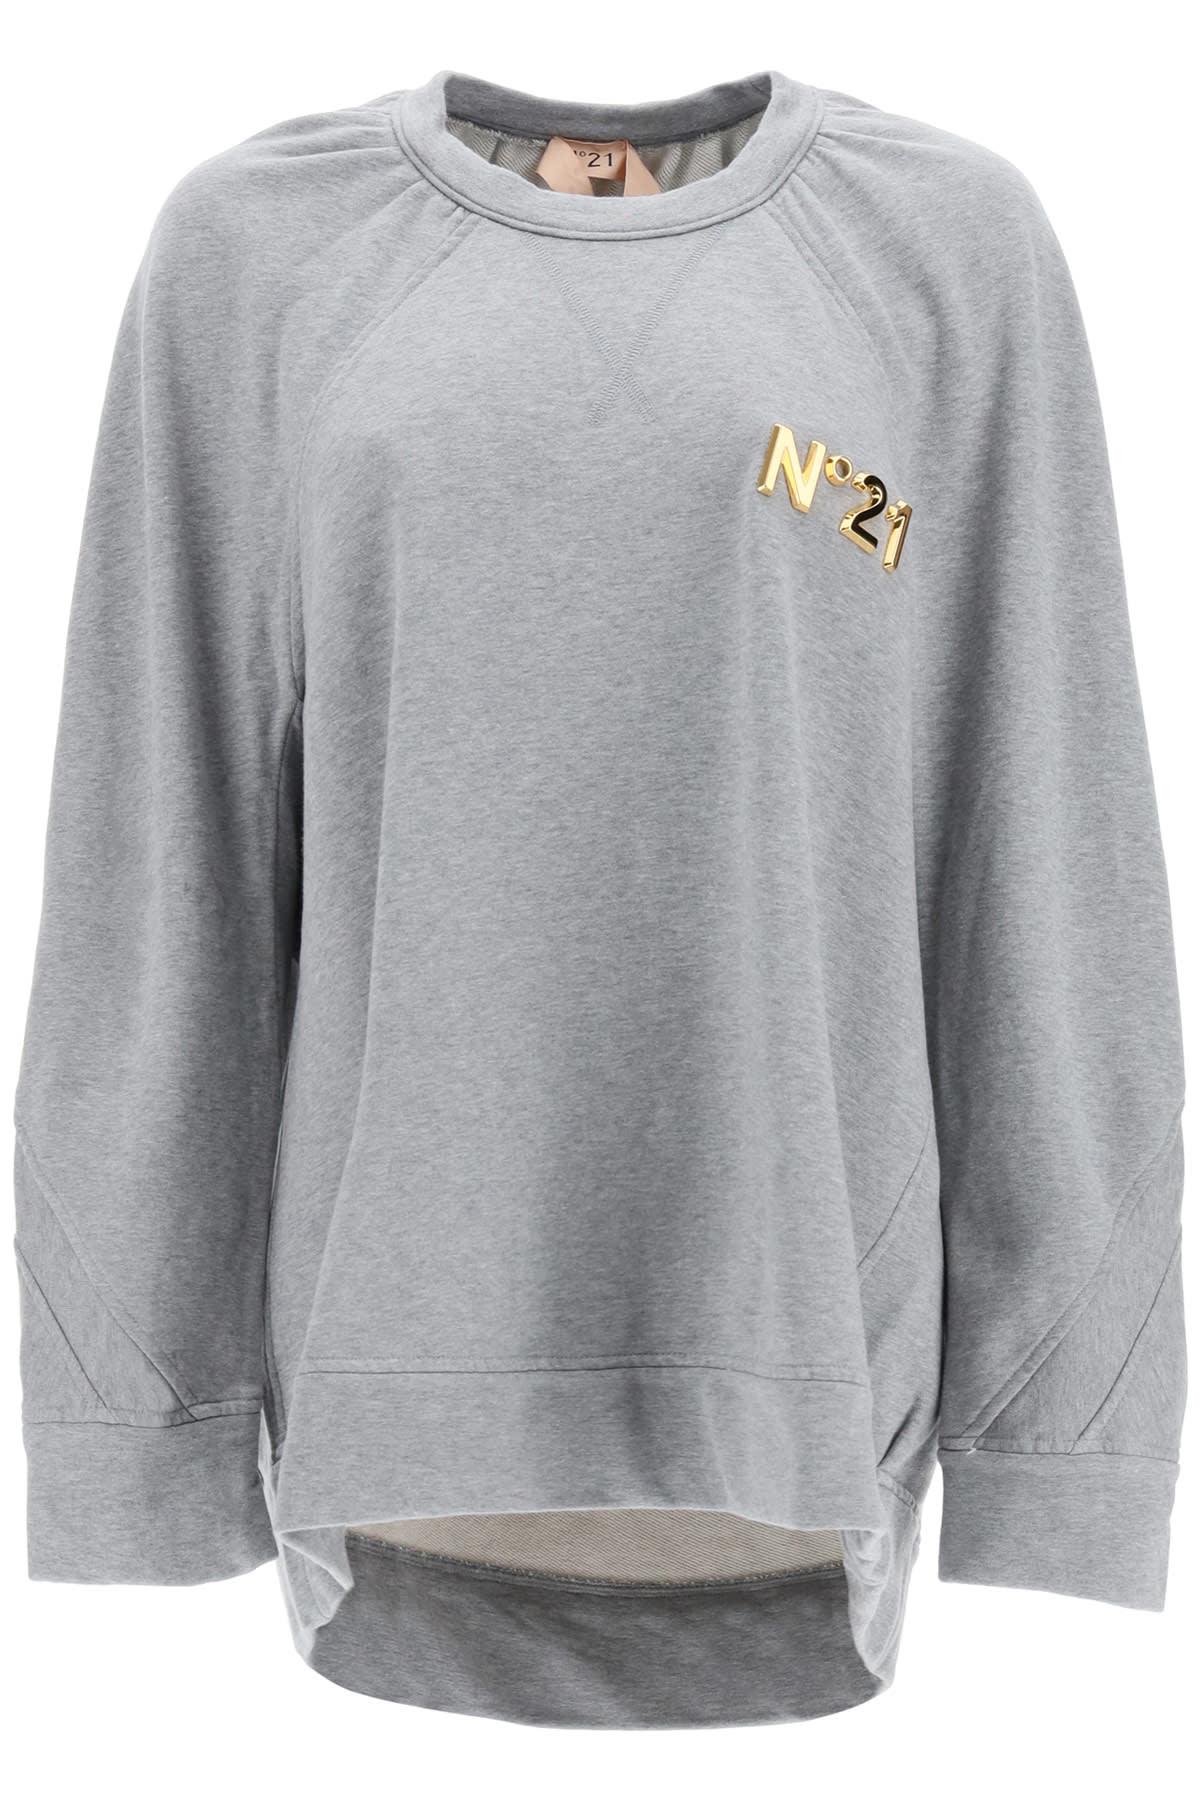 N.21 Over Sweatshirt With Golden Logo